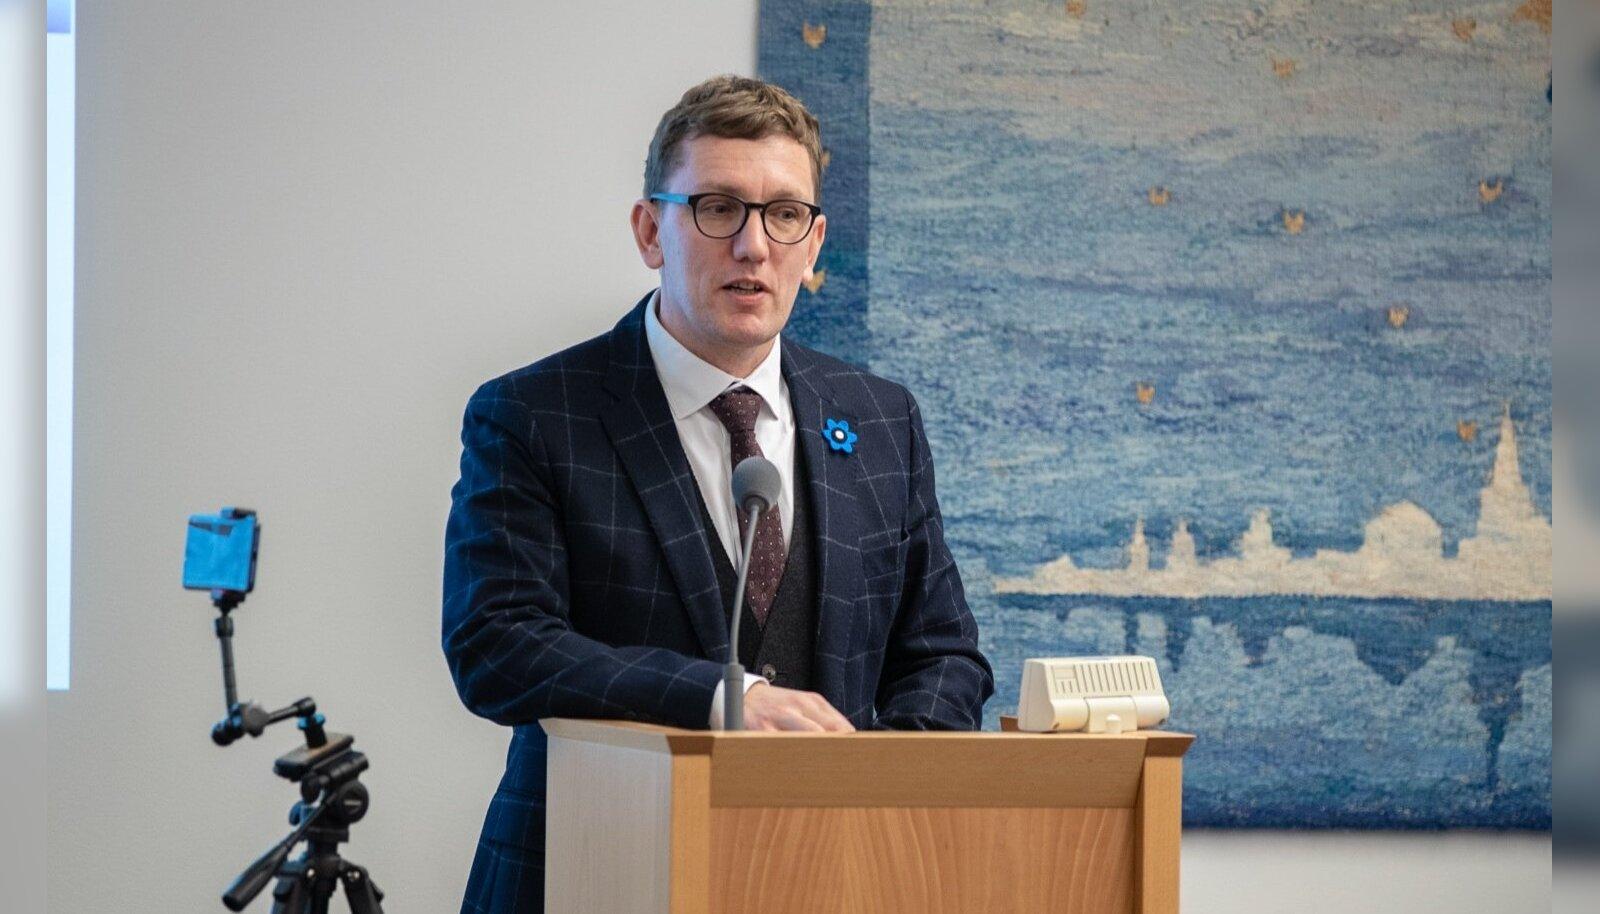 Michal: Helmede Lenini tsiteerimine ja solvangud on kulunud sõu kordusetendus, kuid Eestile sünnib kahju